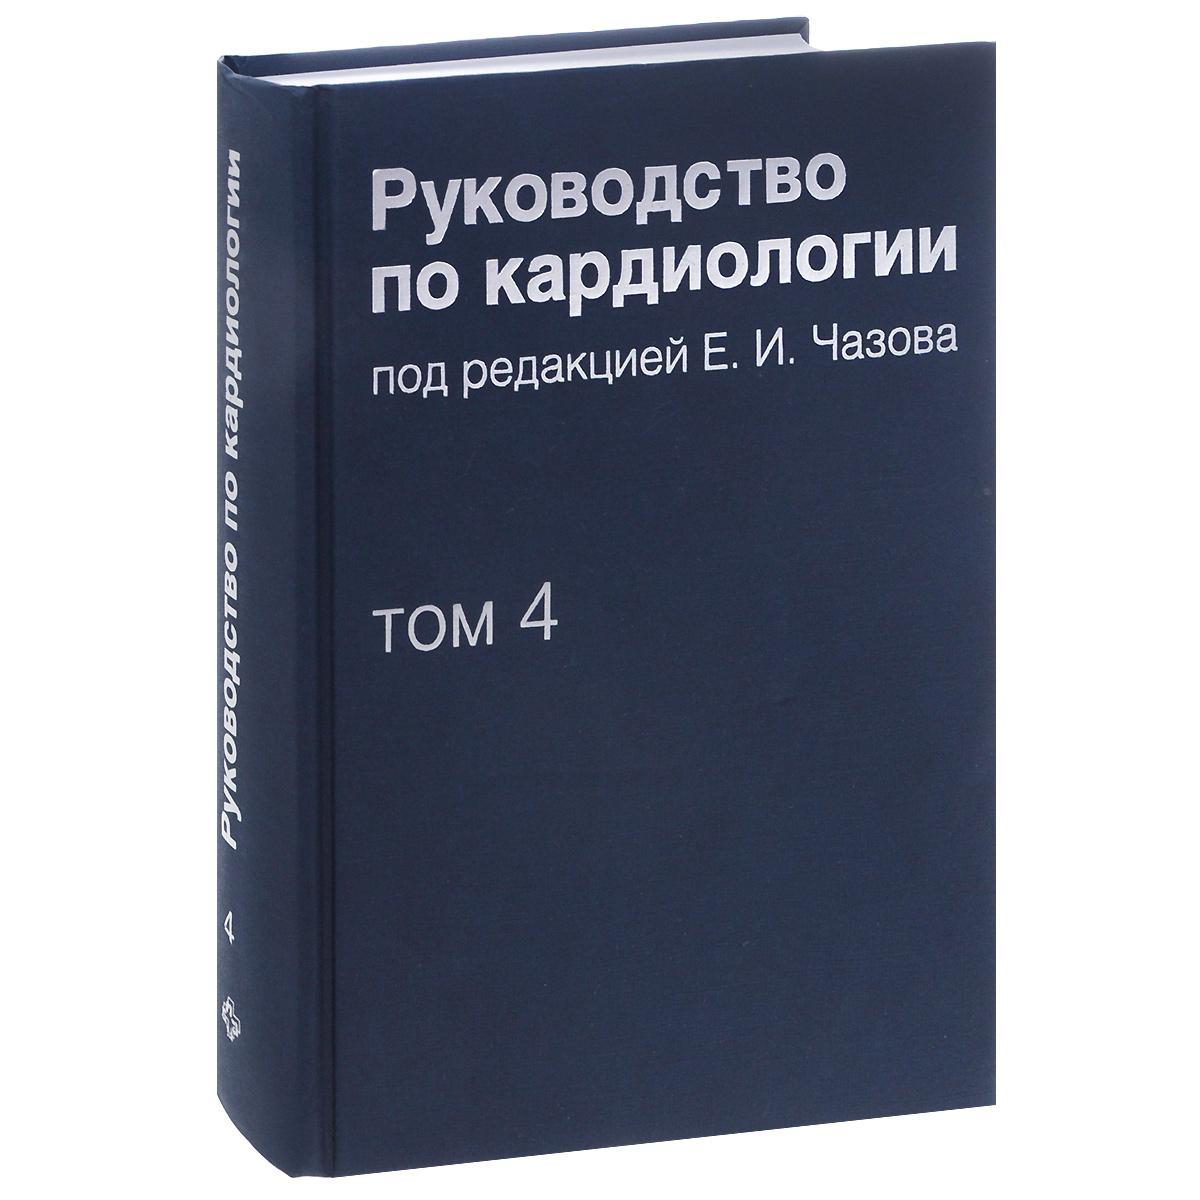 Руководство по кардиологии. В 4 томах. Том 4. Заболевания сердечно-сосудистой системы (II)